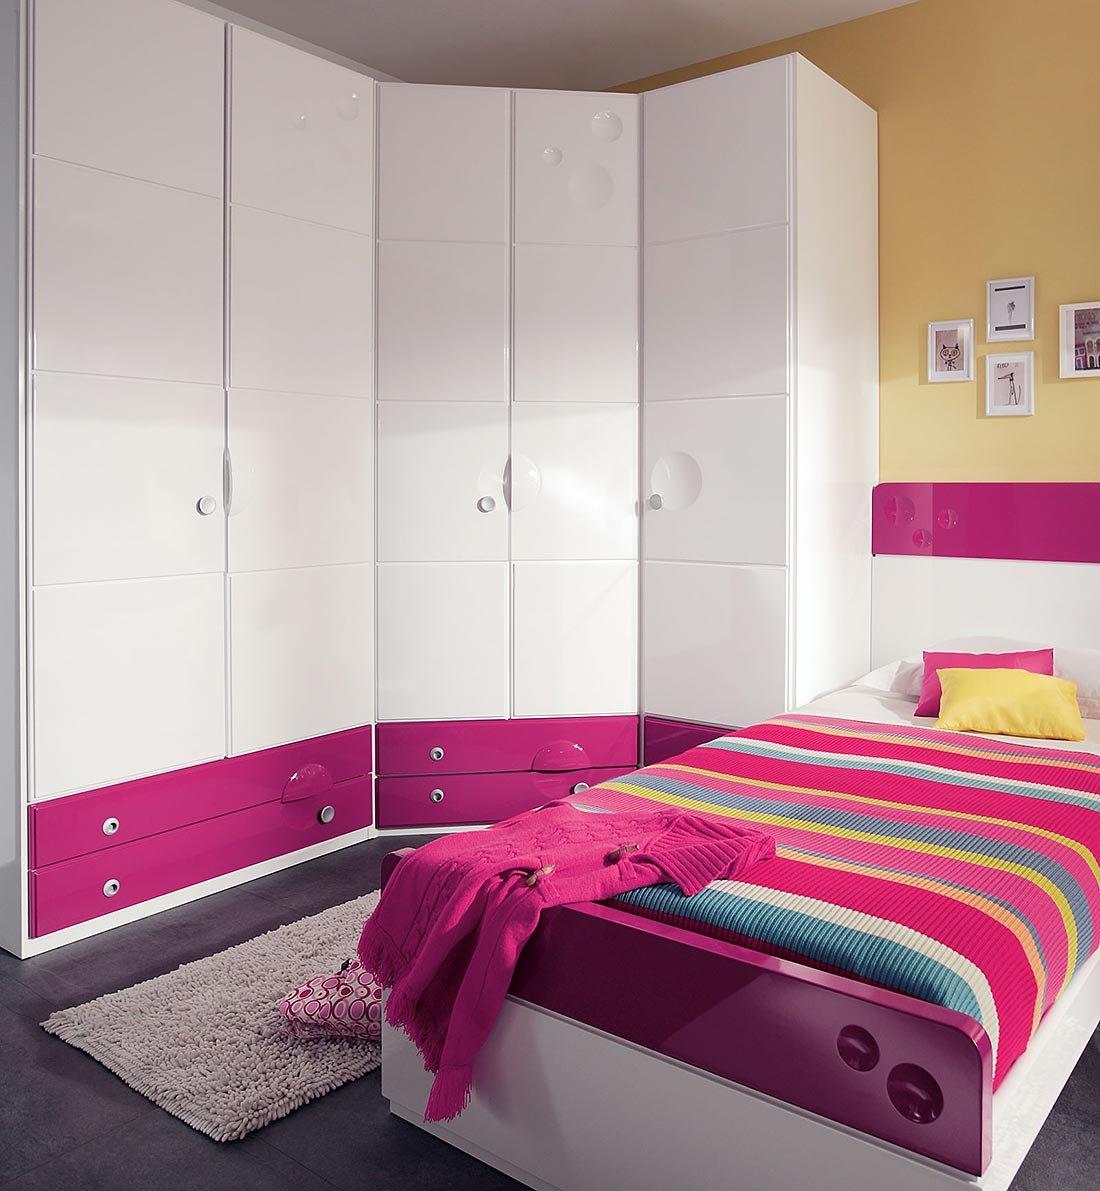 Composiciones de habitaciones juveniles juraco for Decoracion de interiores habitaciones